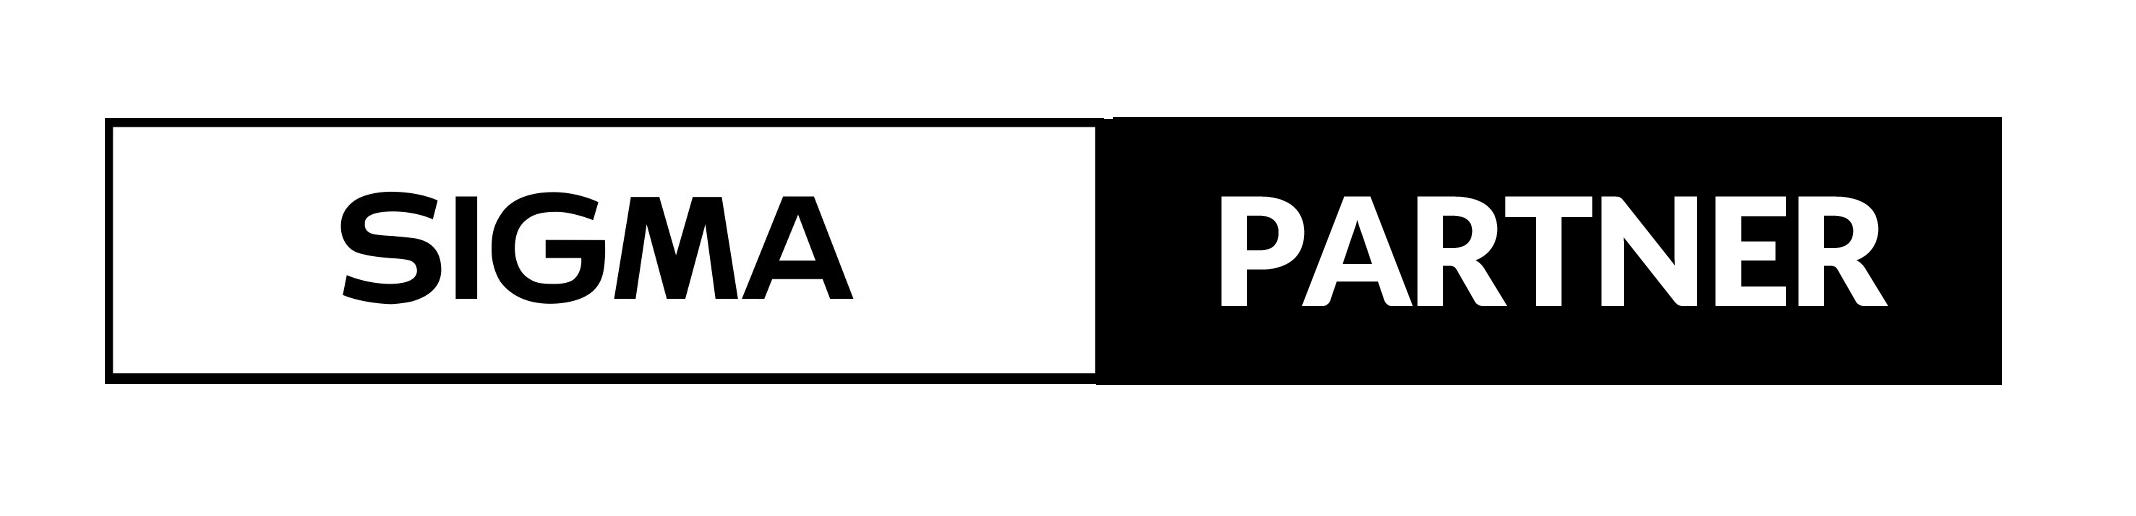 sigma-partner2.png